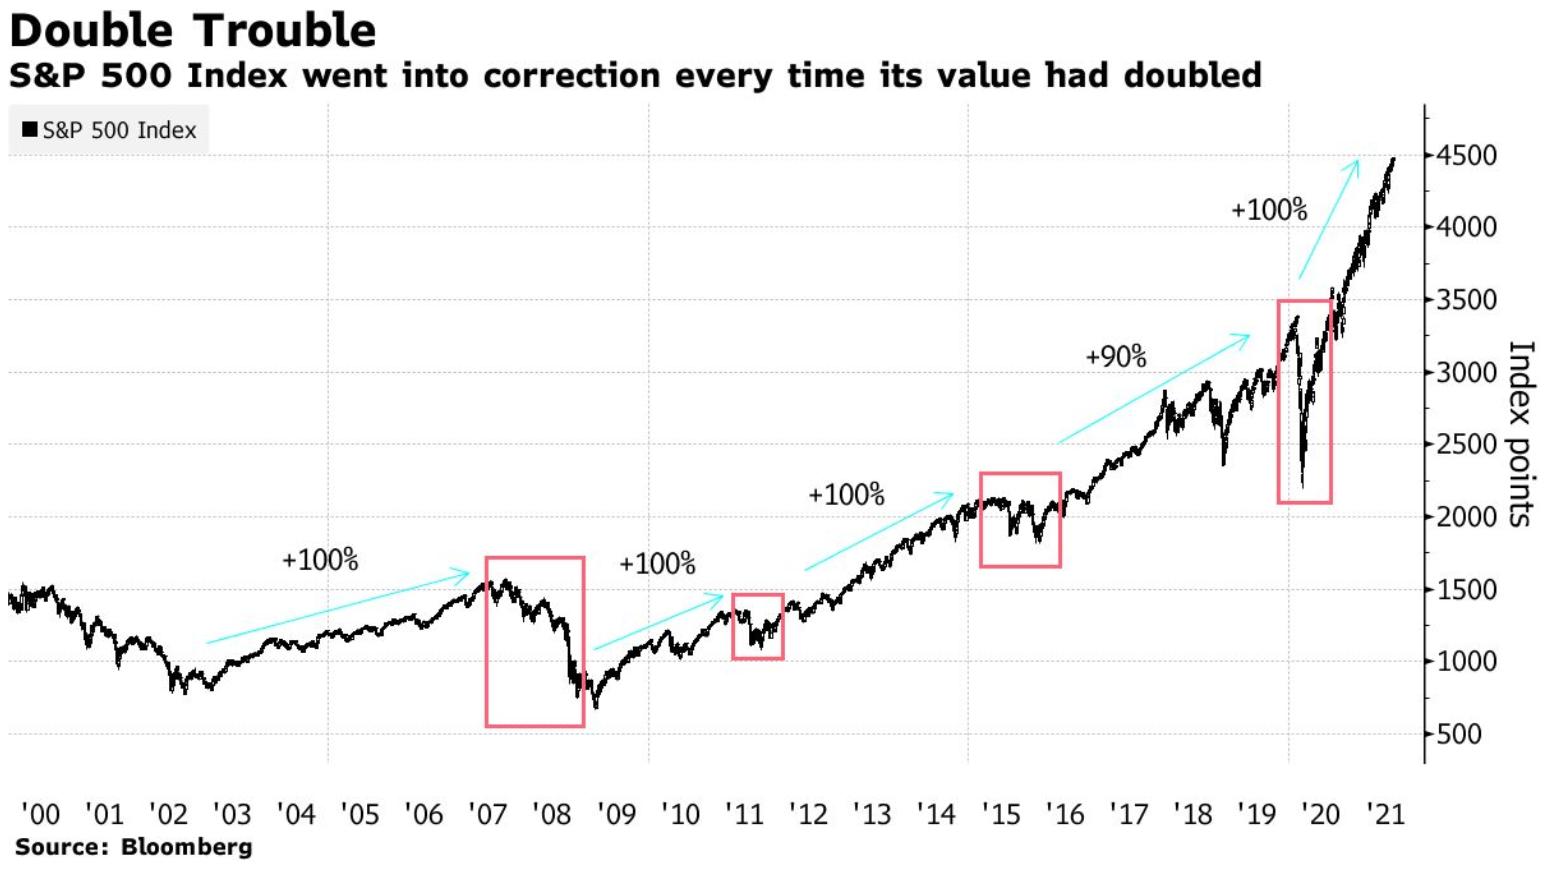 เฟดลดวงเงิน QE แล้วจะเกิดอะไรขึ้นกับตลาดหุ้น